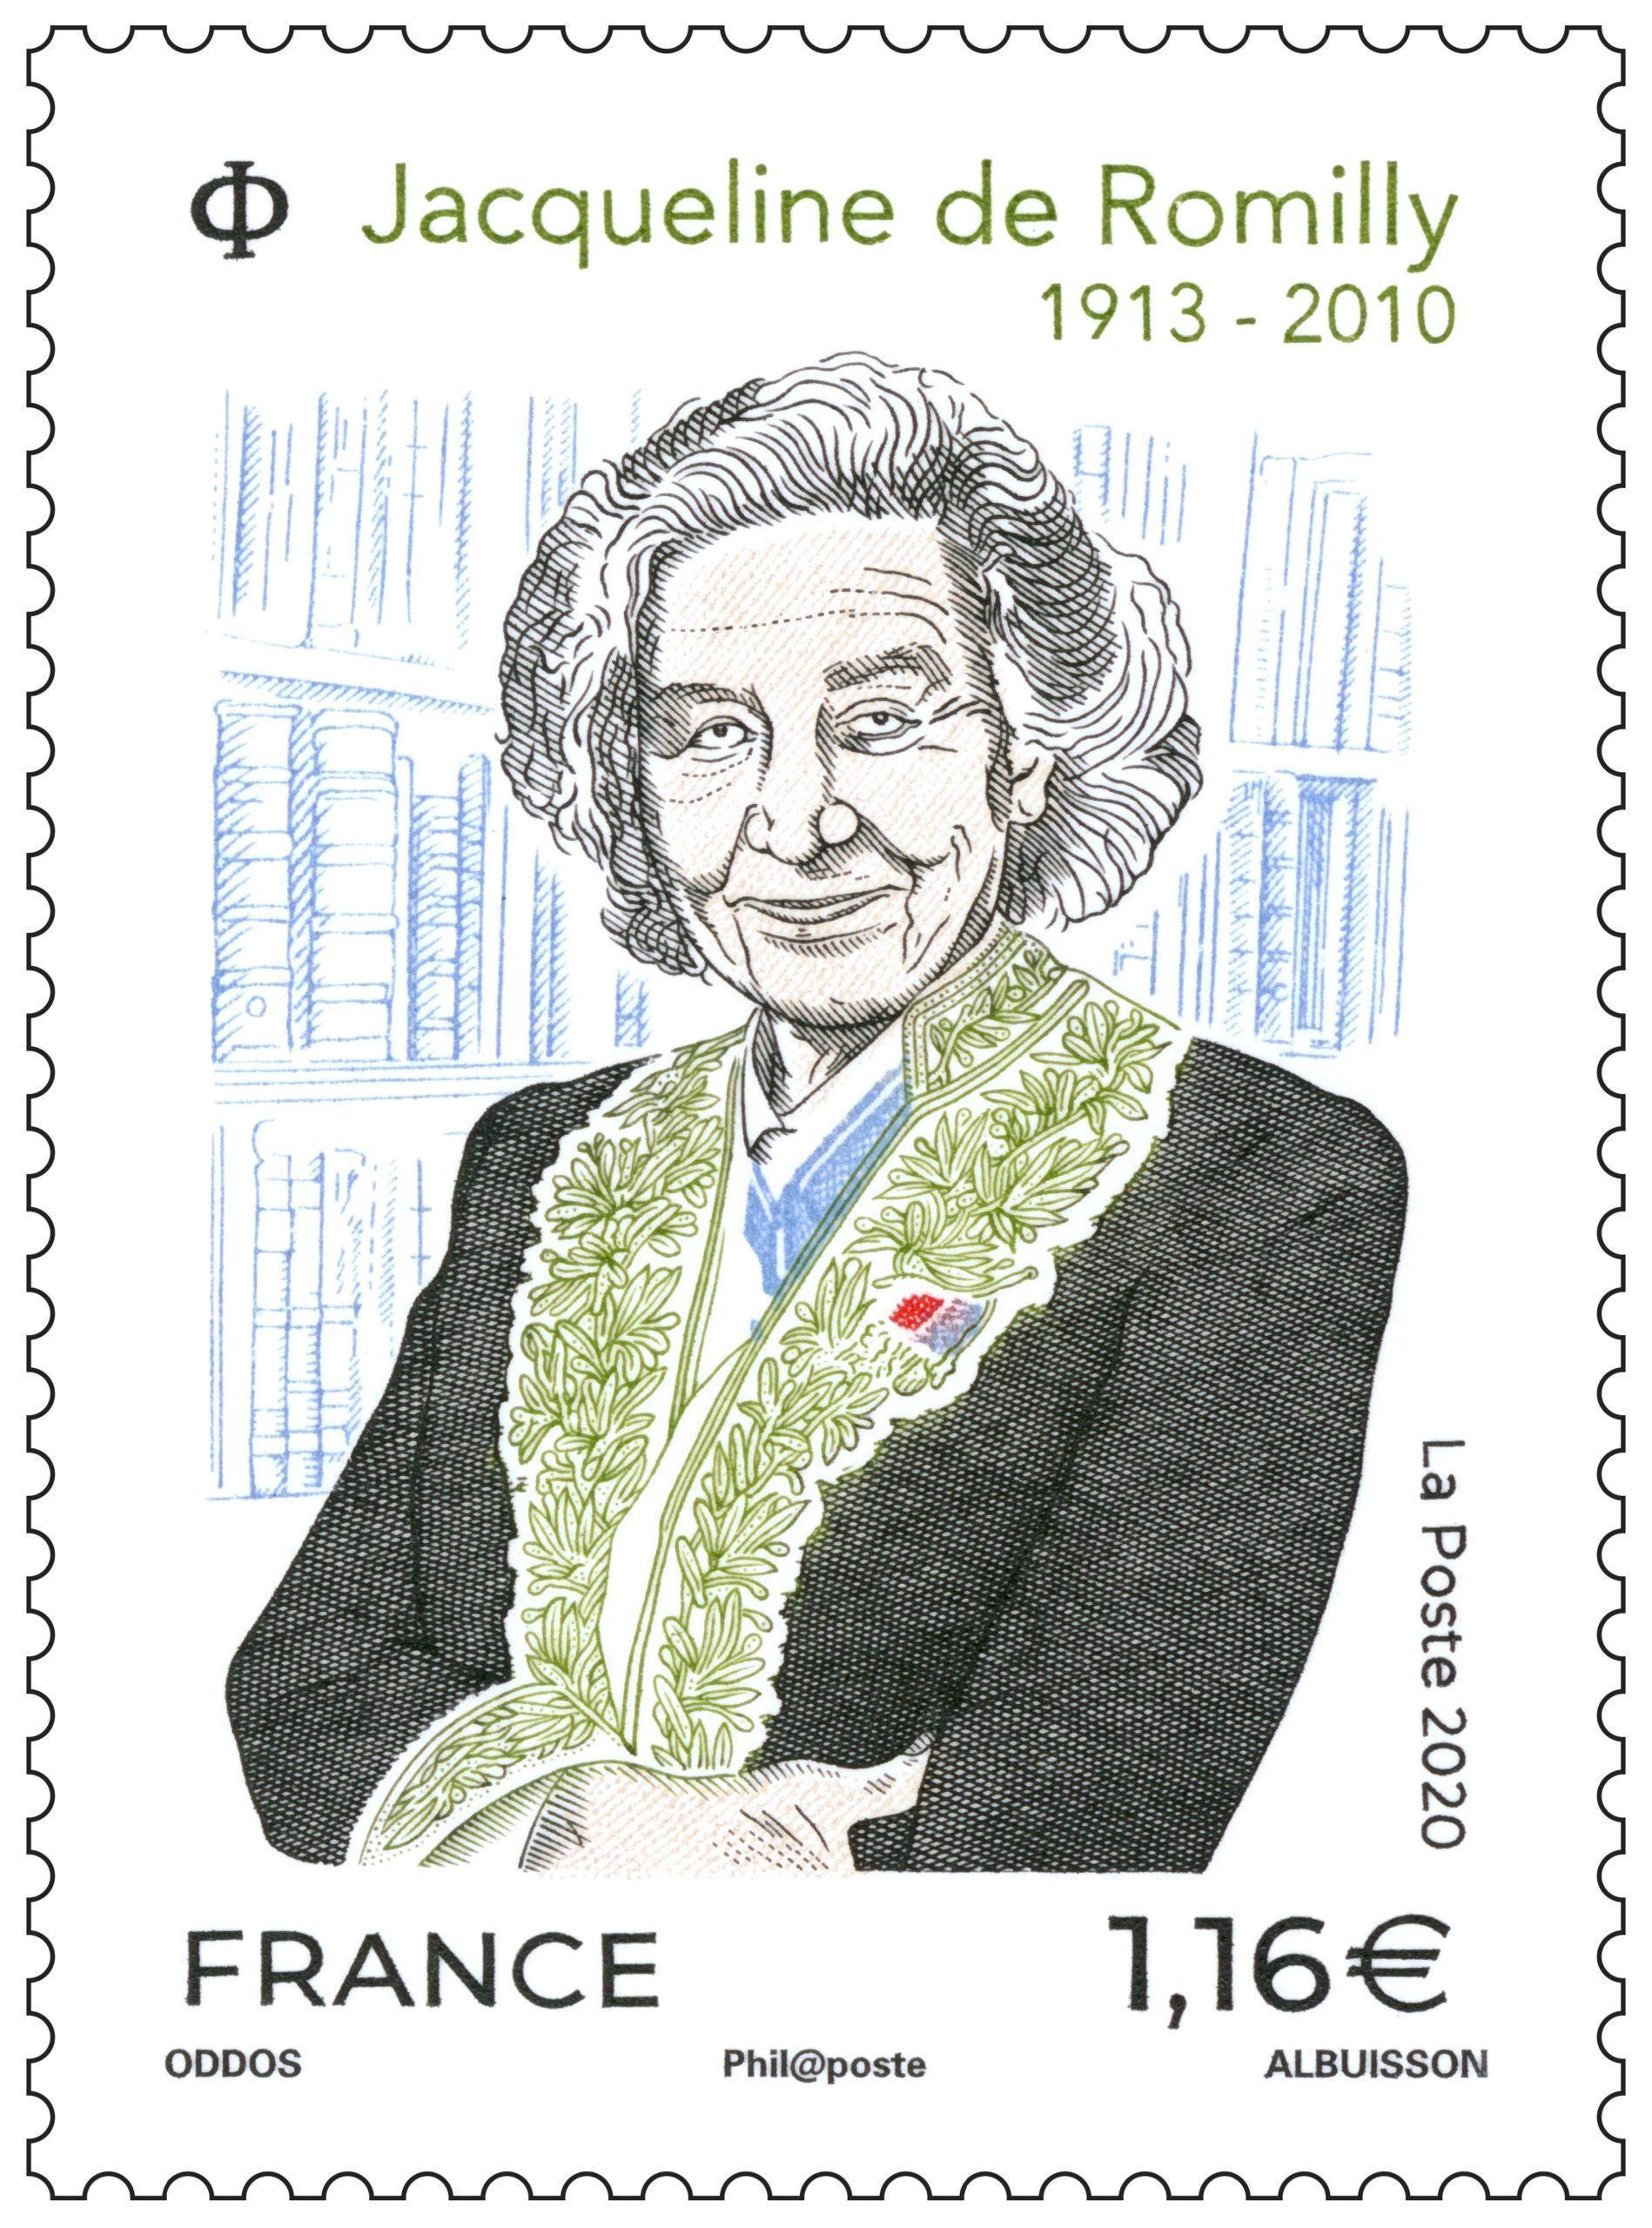 Jacqueline de Romilly 1913-2010